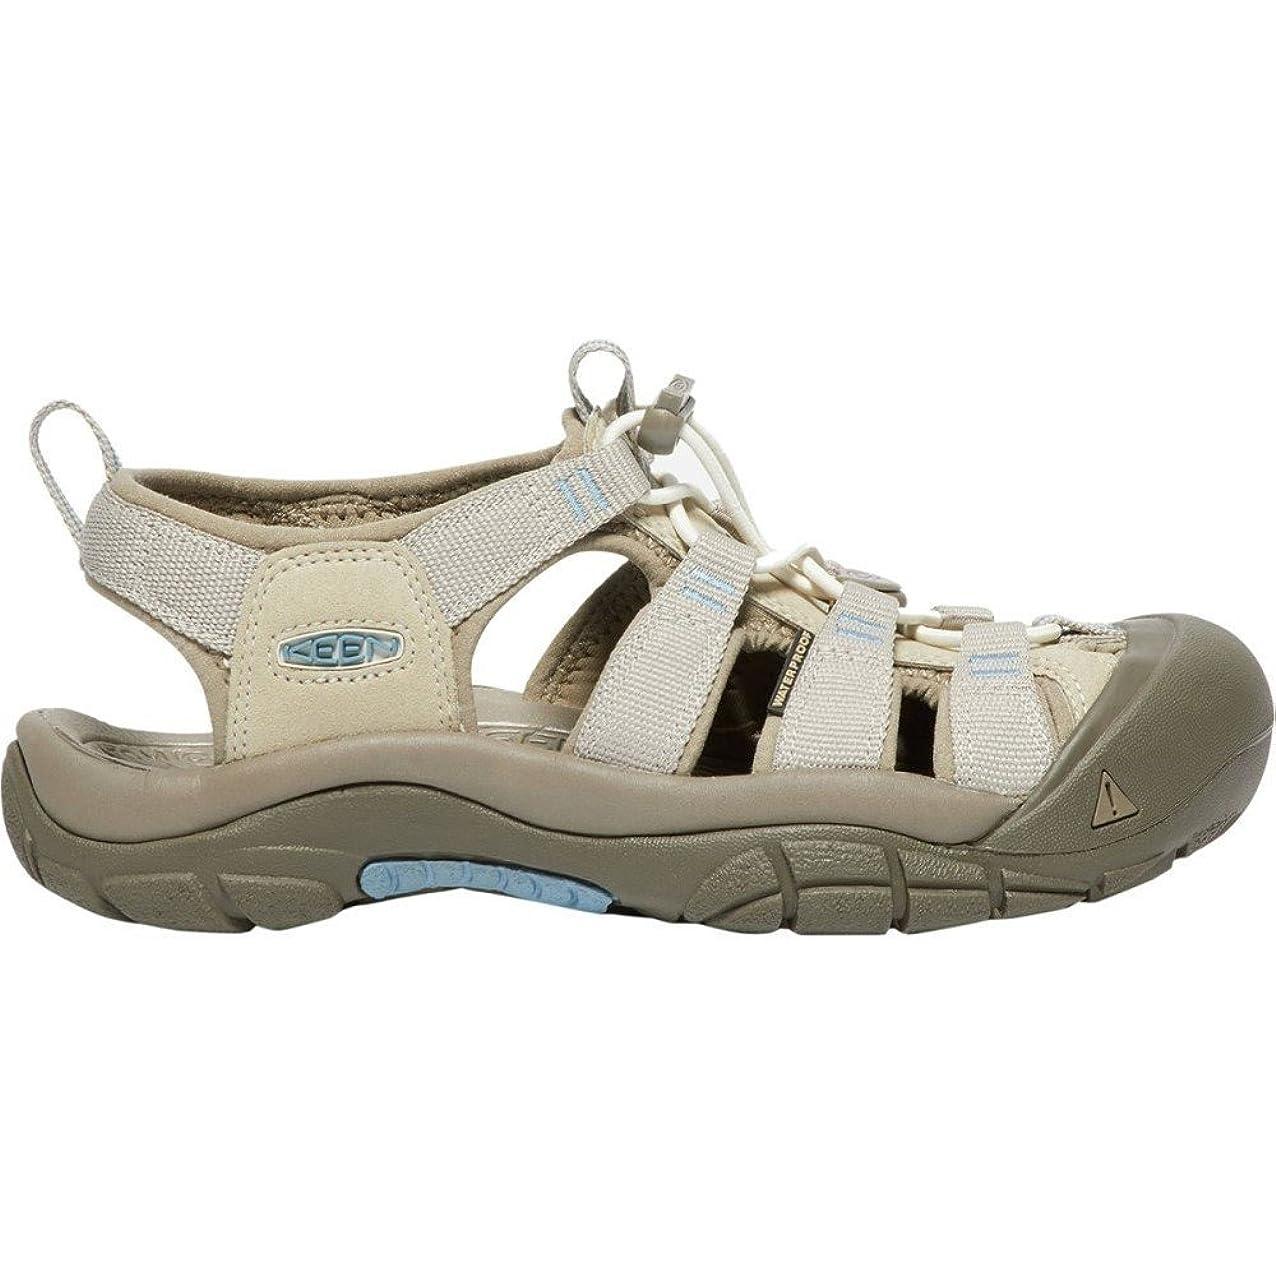 破壊的規範悪夢(キーン) KEEN レディース シューズ?靴 サンダル?ミュール Newport H2 Sandal [並行輸入品]